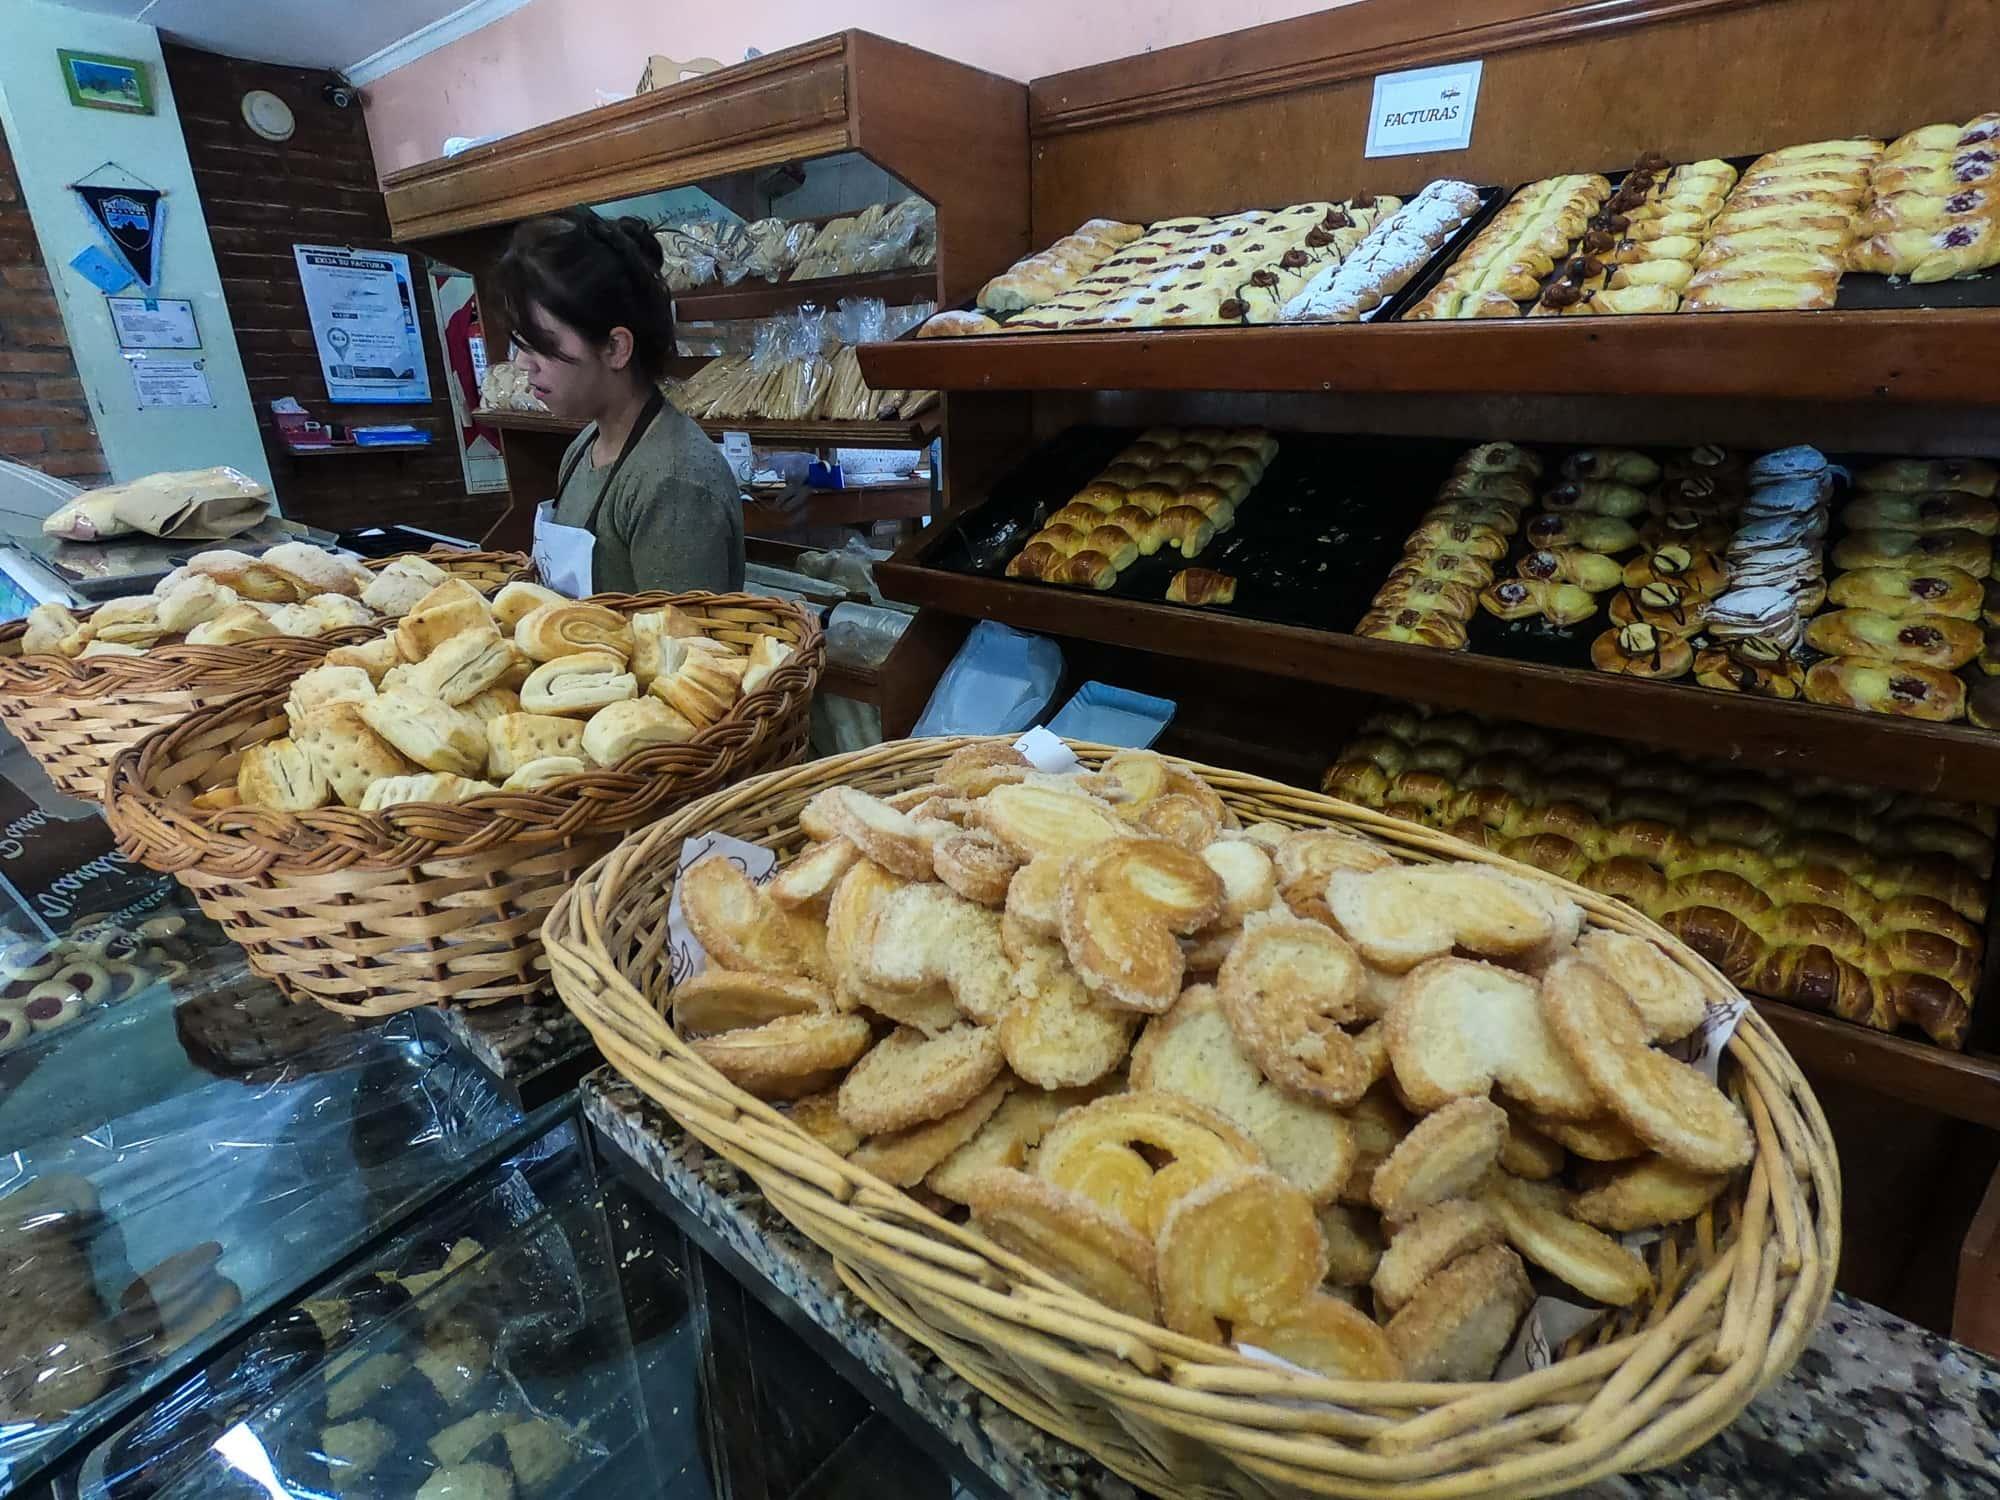 Bakery in El Chalten